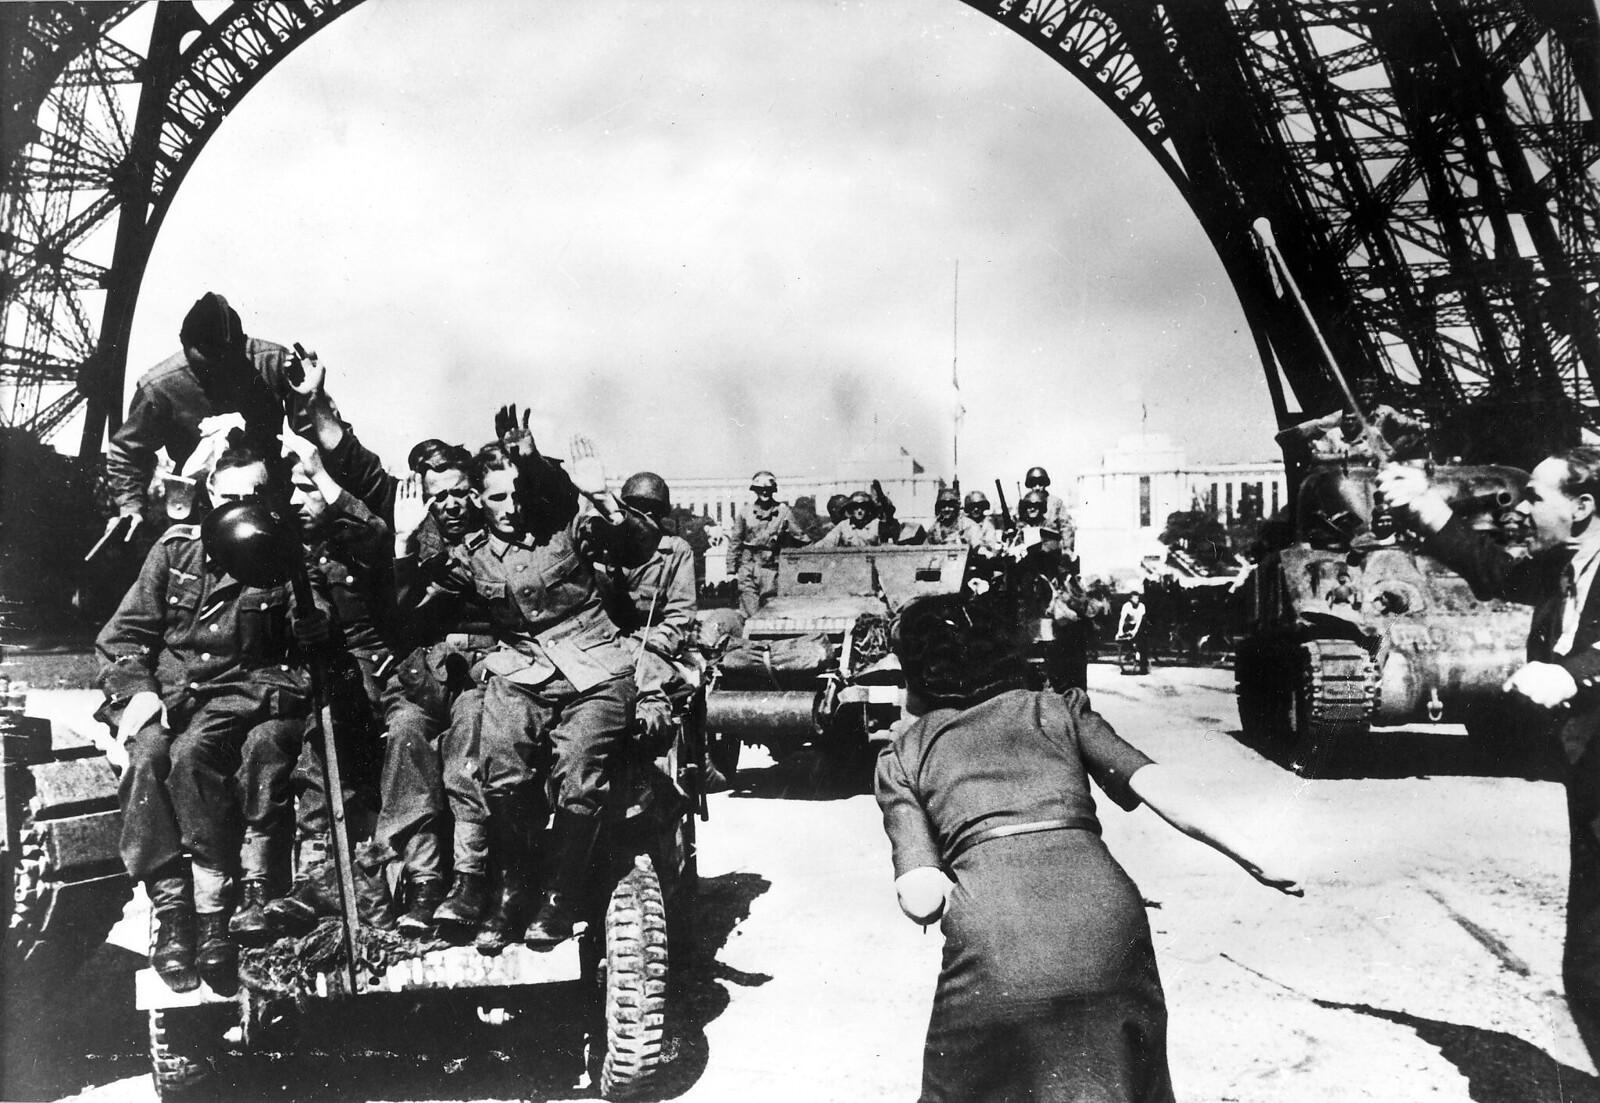 1944. Пленные немецкие солдаты перевозятся на бронемашинах и подвергаются жестокому обращению со стороны французского населения